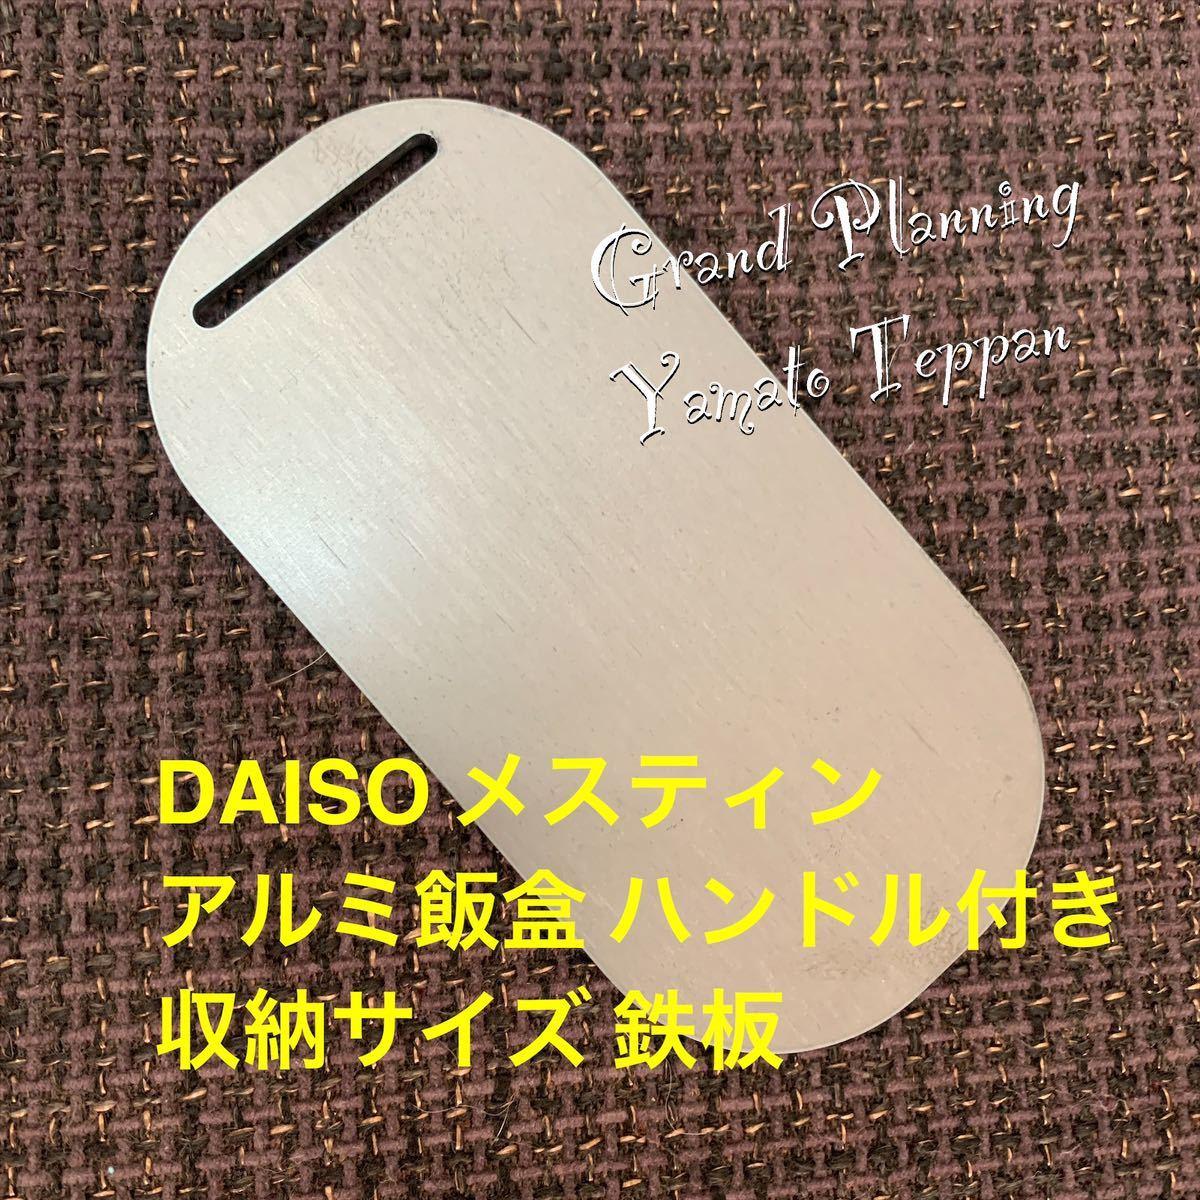 ダイソー DAISO メスティン 本体 & 6ミリ 収納 鉄板 セット アウトドア ソロキャンプ 大和鉄板